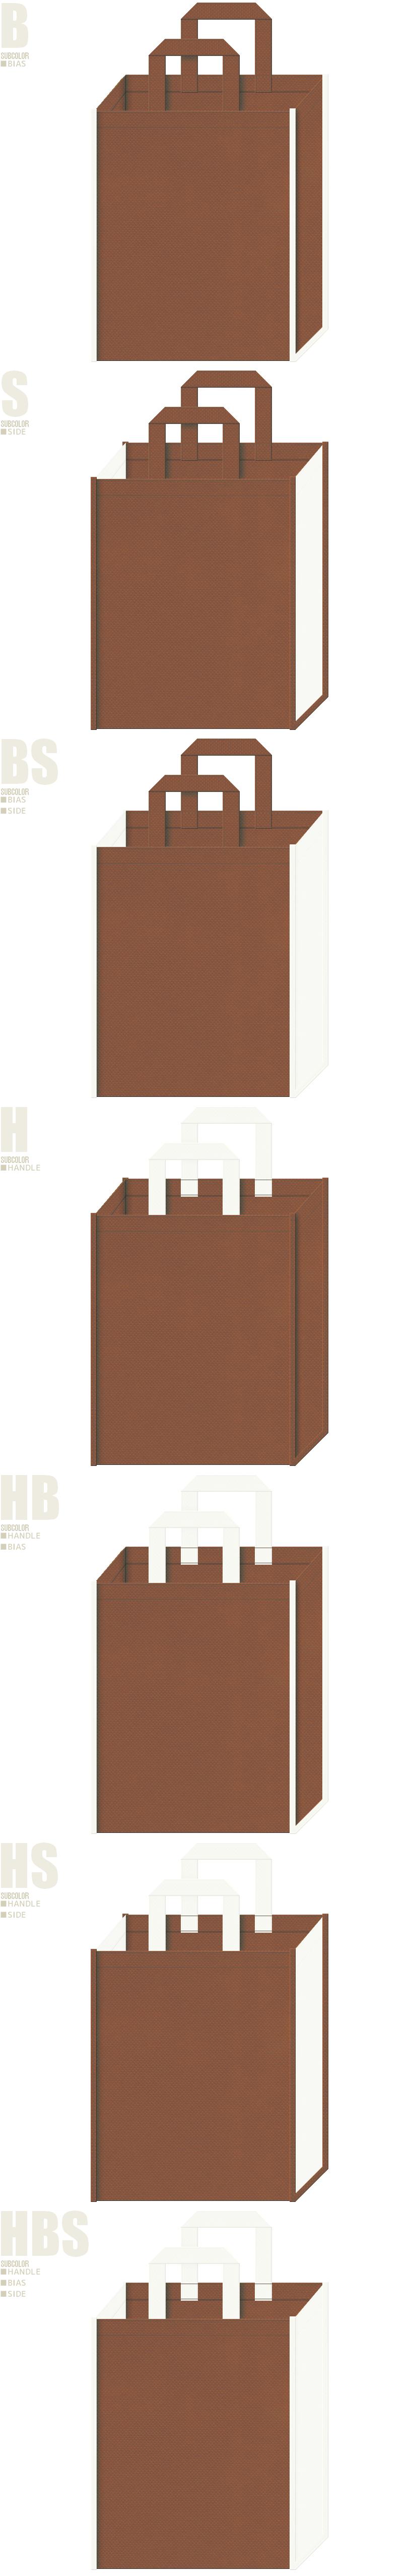 ベーカリーショップのバッグノベルティにお奨めです。茶色とオフホワイト色、7パターンの不織布トートバッグ配色デザイン例。ココナッツ風。